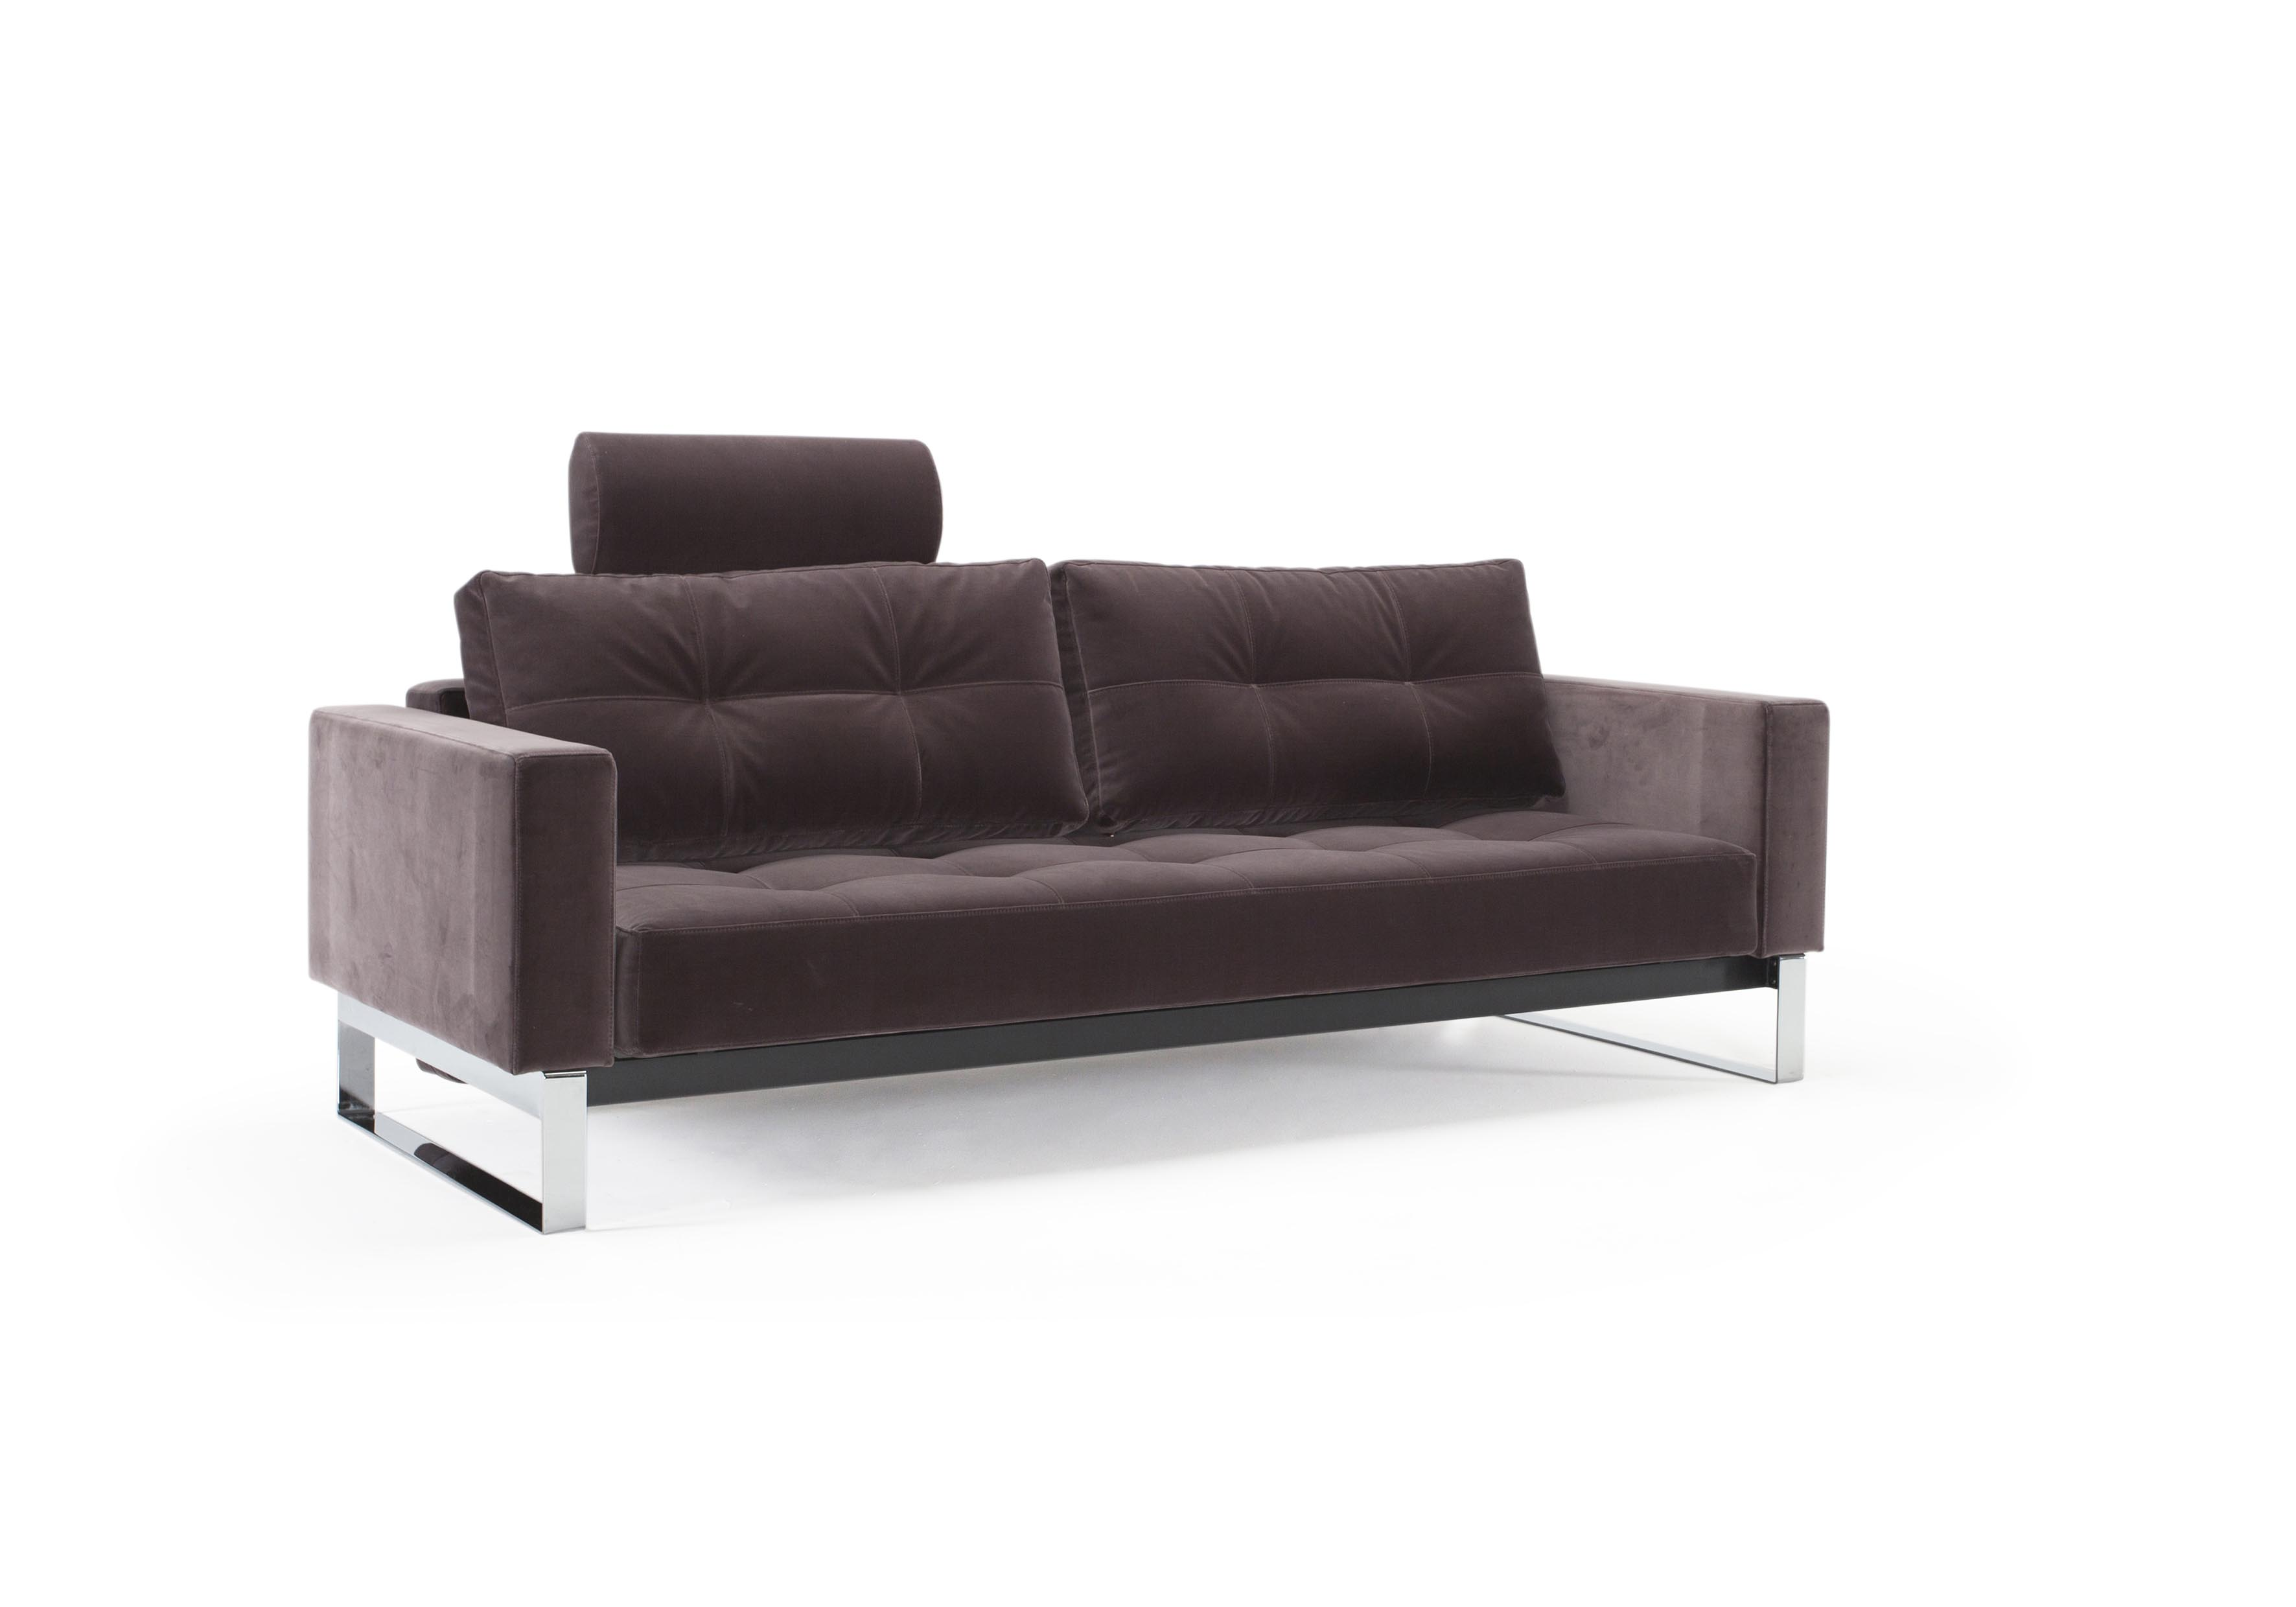 Cassius velvet sofa bed full size vintage velvet mauve for Vintage velvet sectional sofa